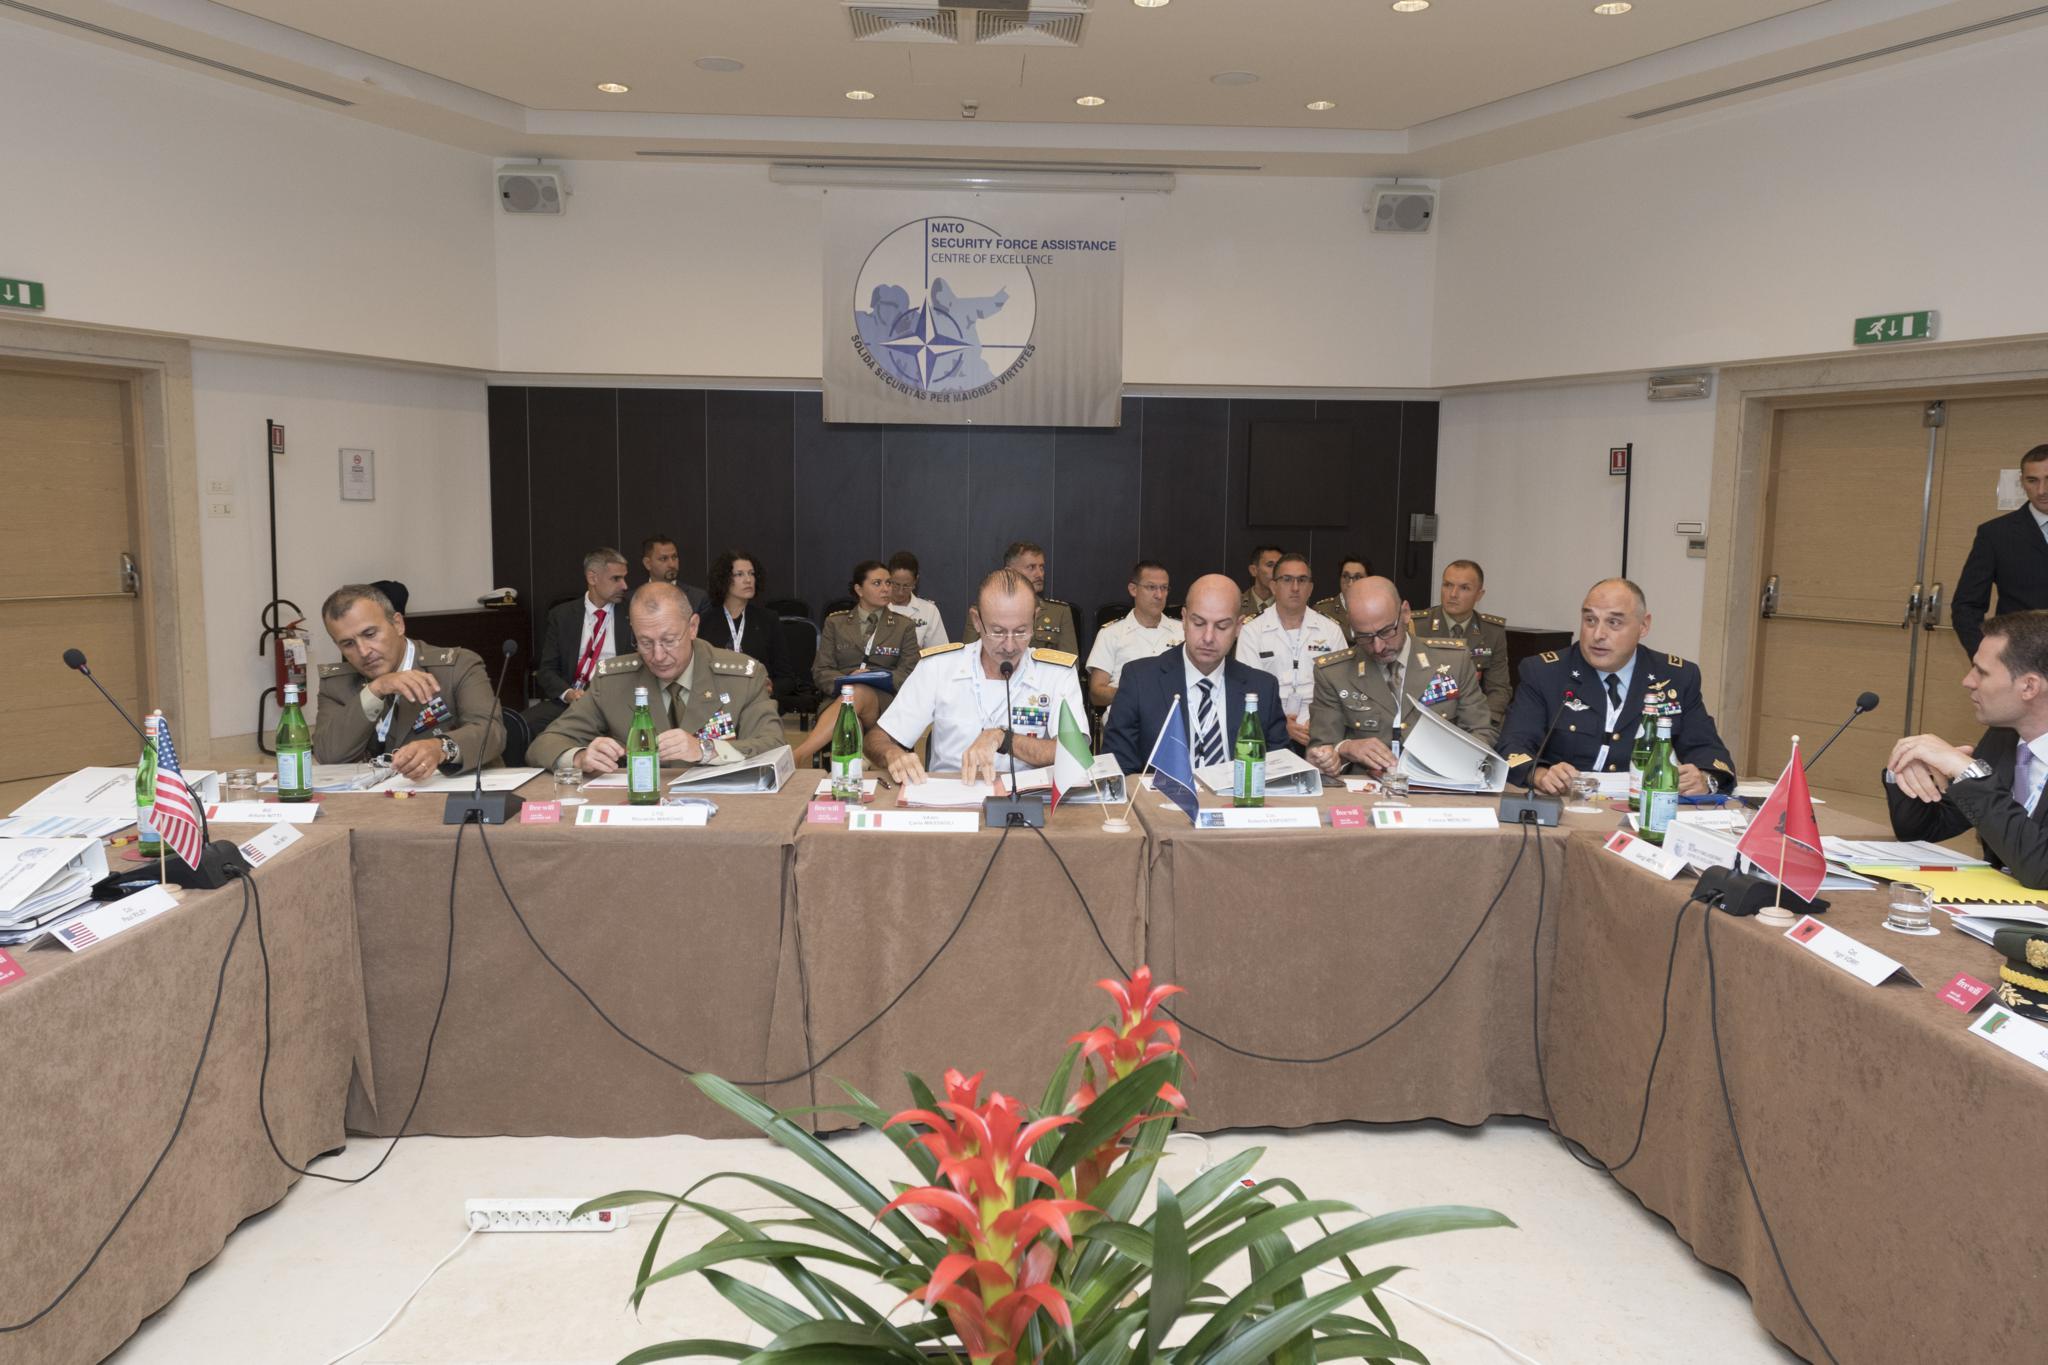 Conclusa la 2nd Establishment Conference che segna un nuovo passo in avanti per l'accreditamento alla NATO del centro offerto dall'Italia.